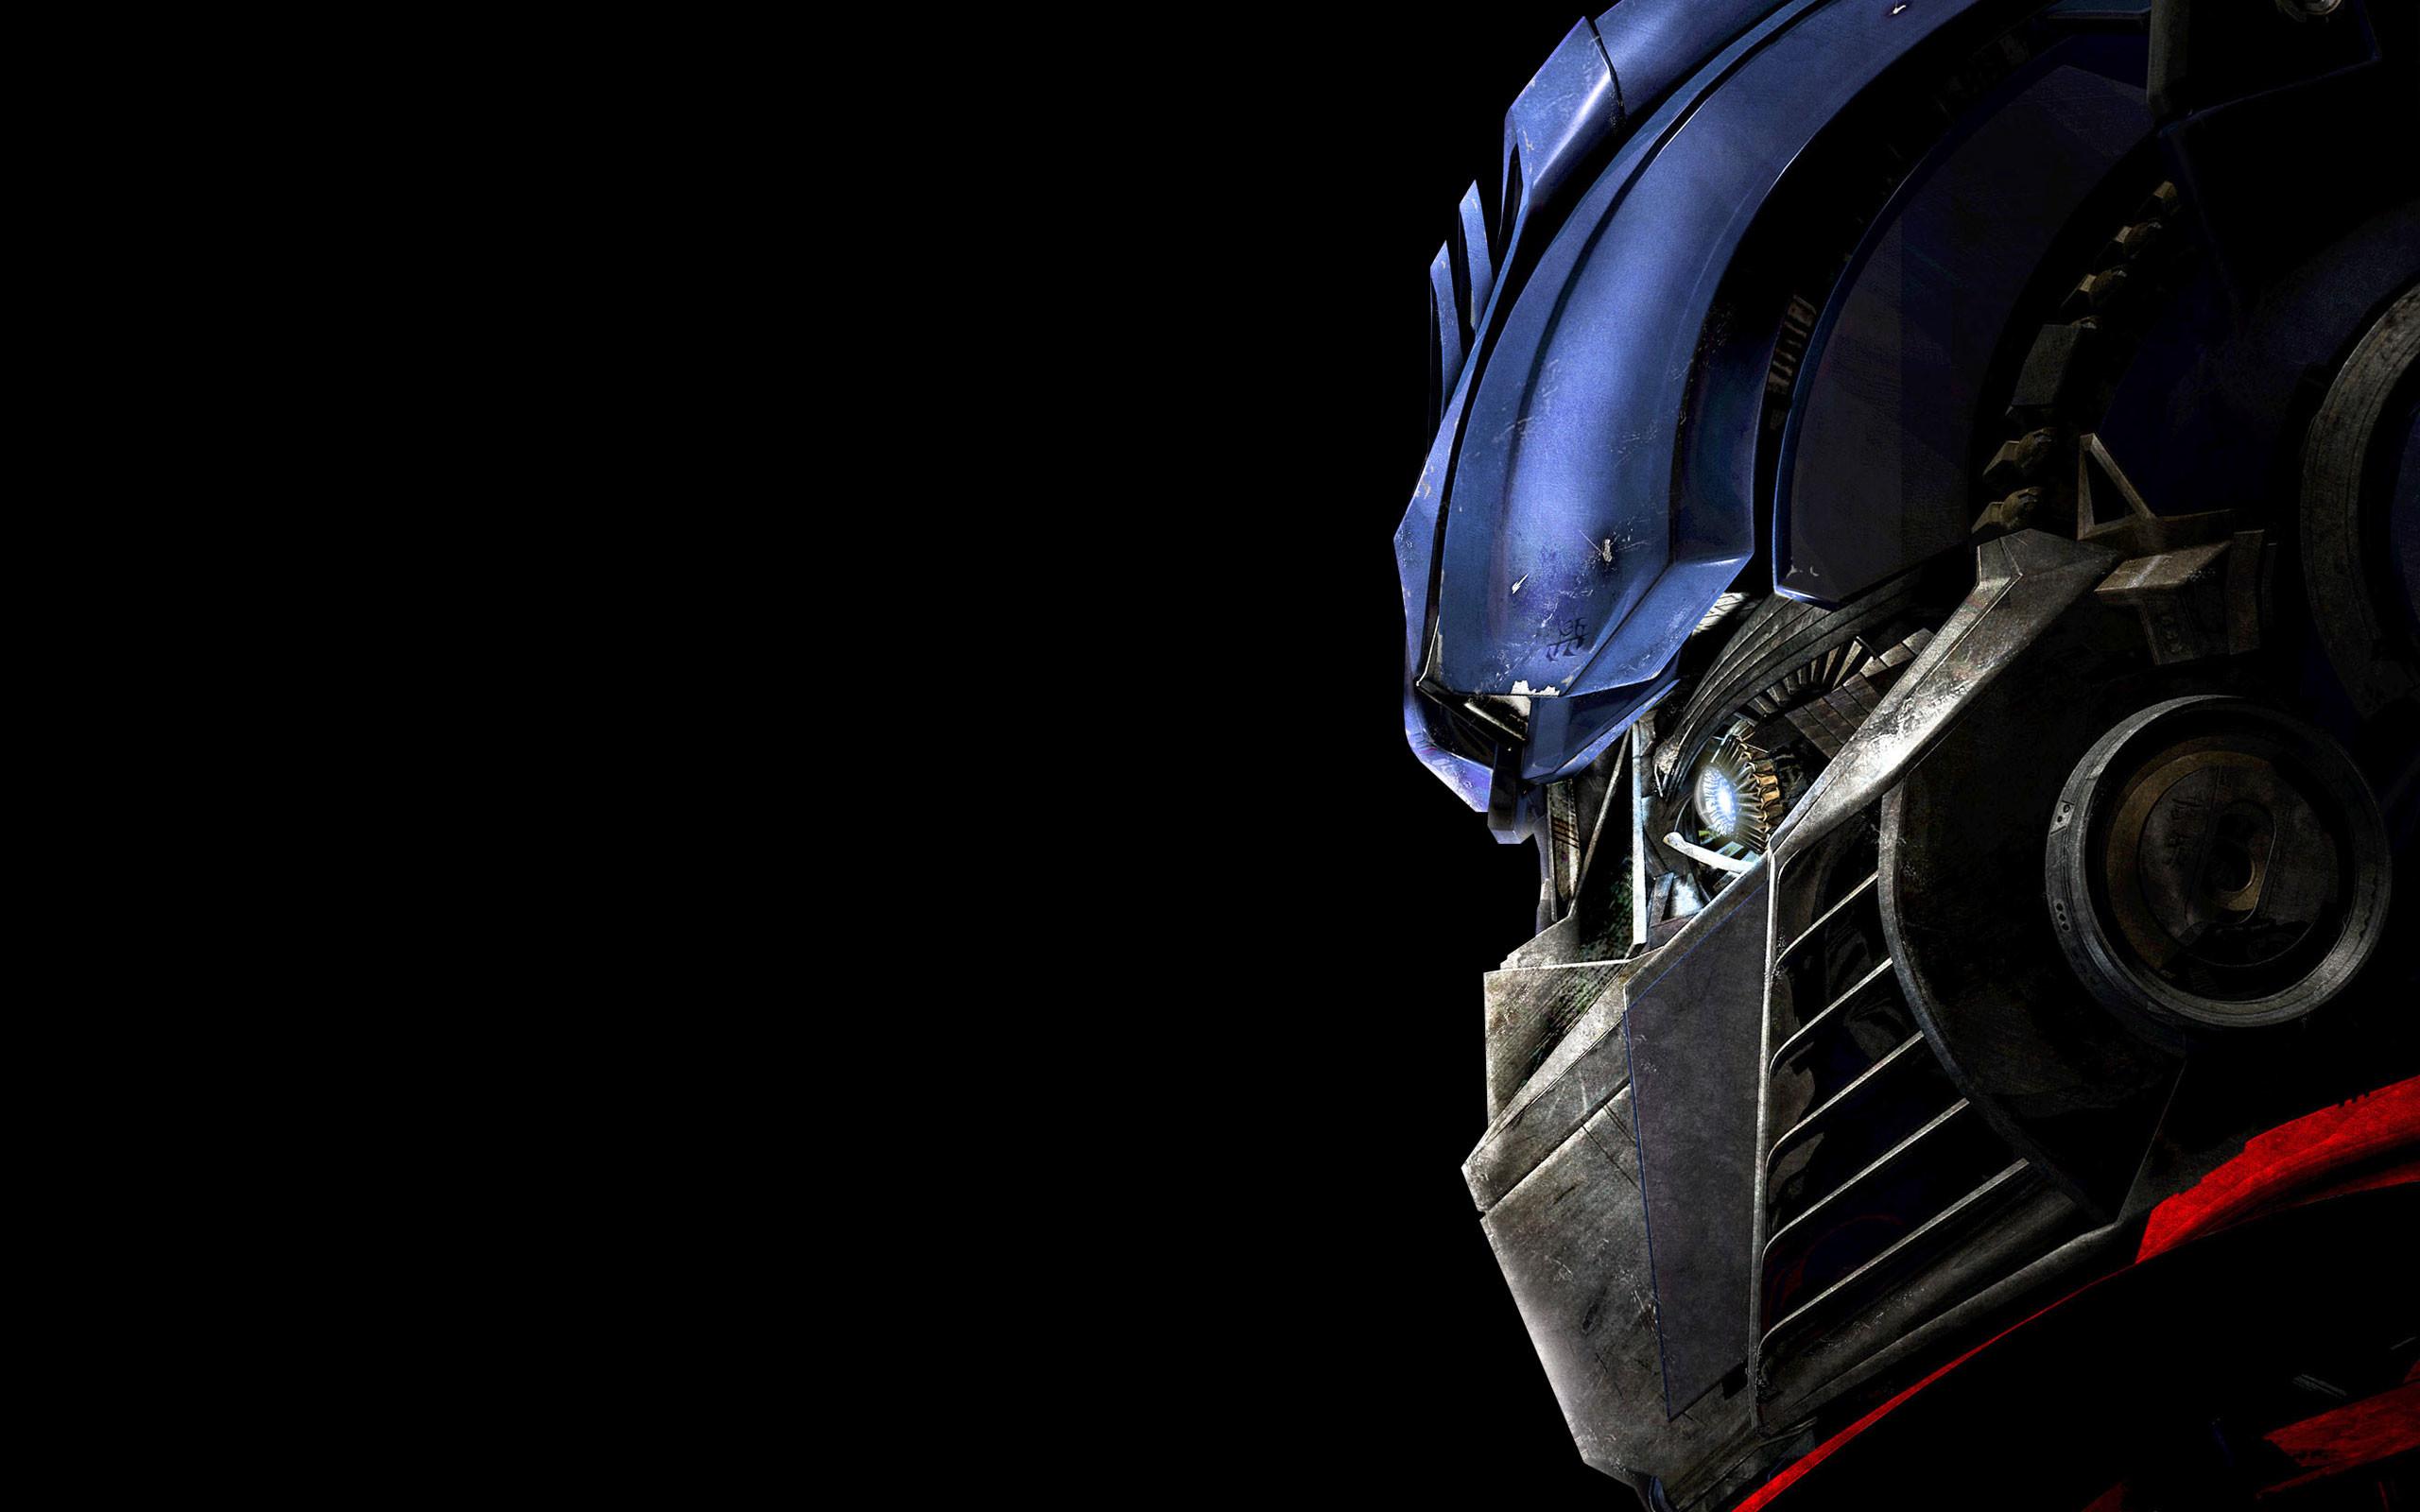 HD Wallpaper Of Optimus Prime 75 Images